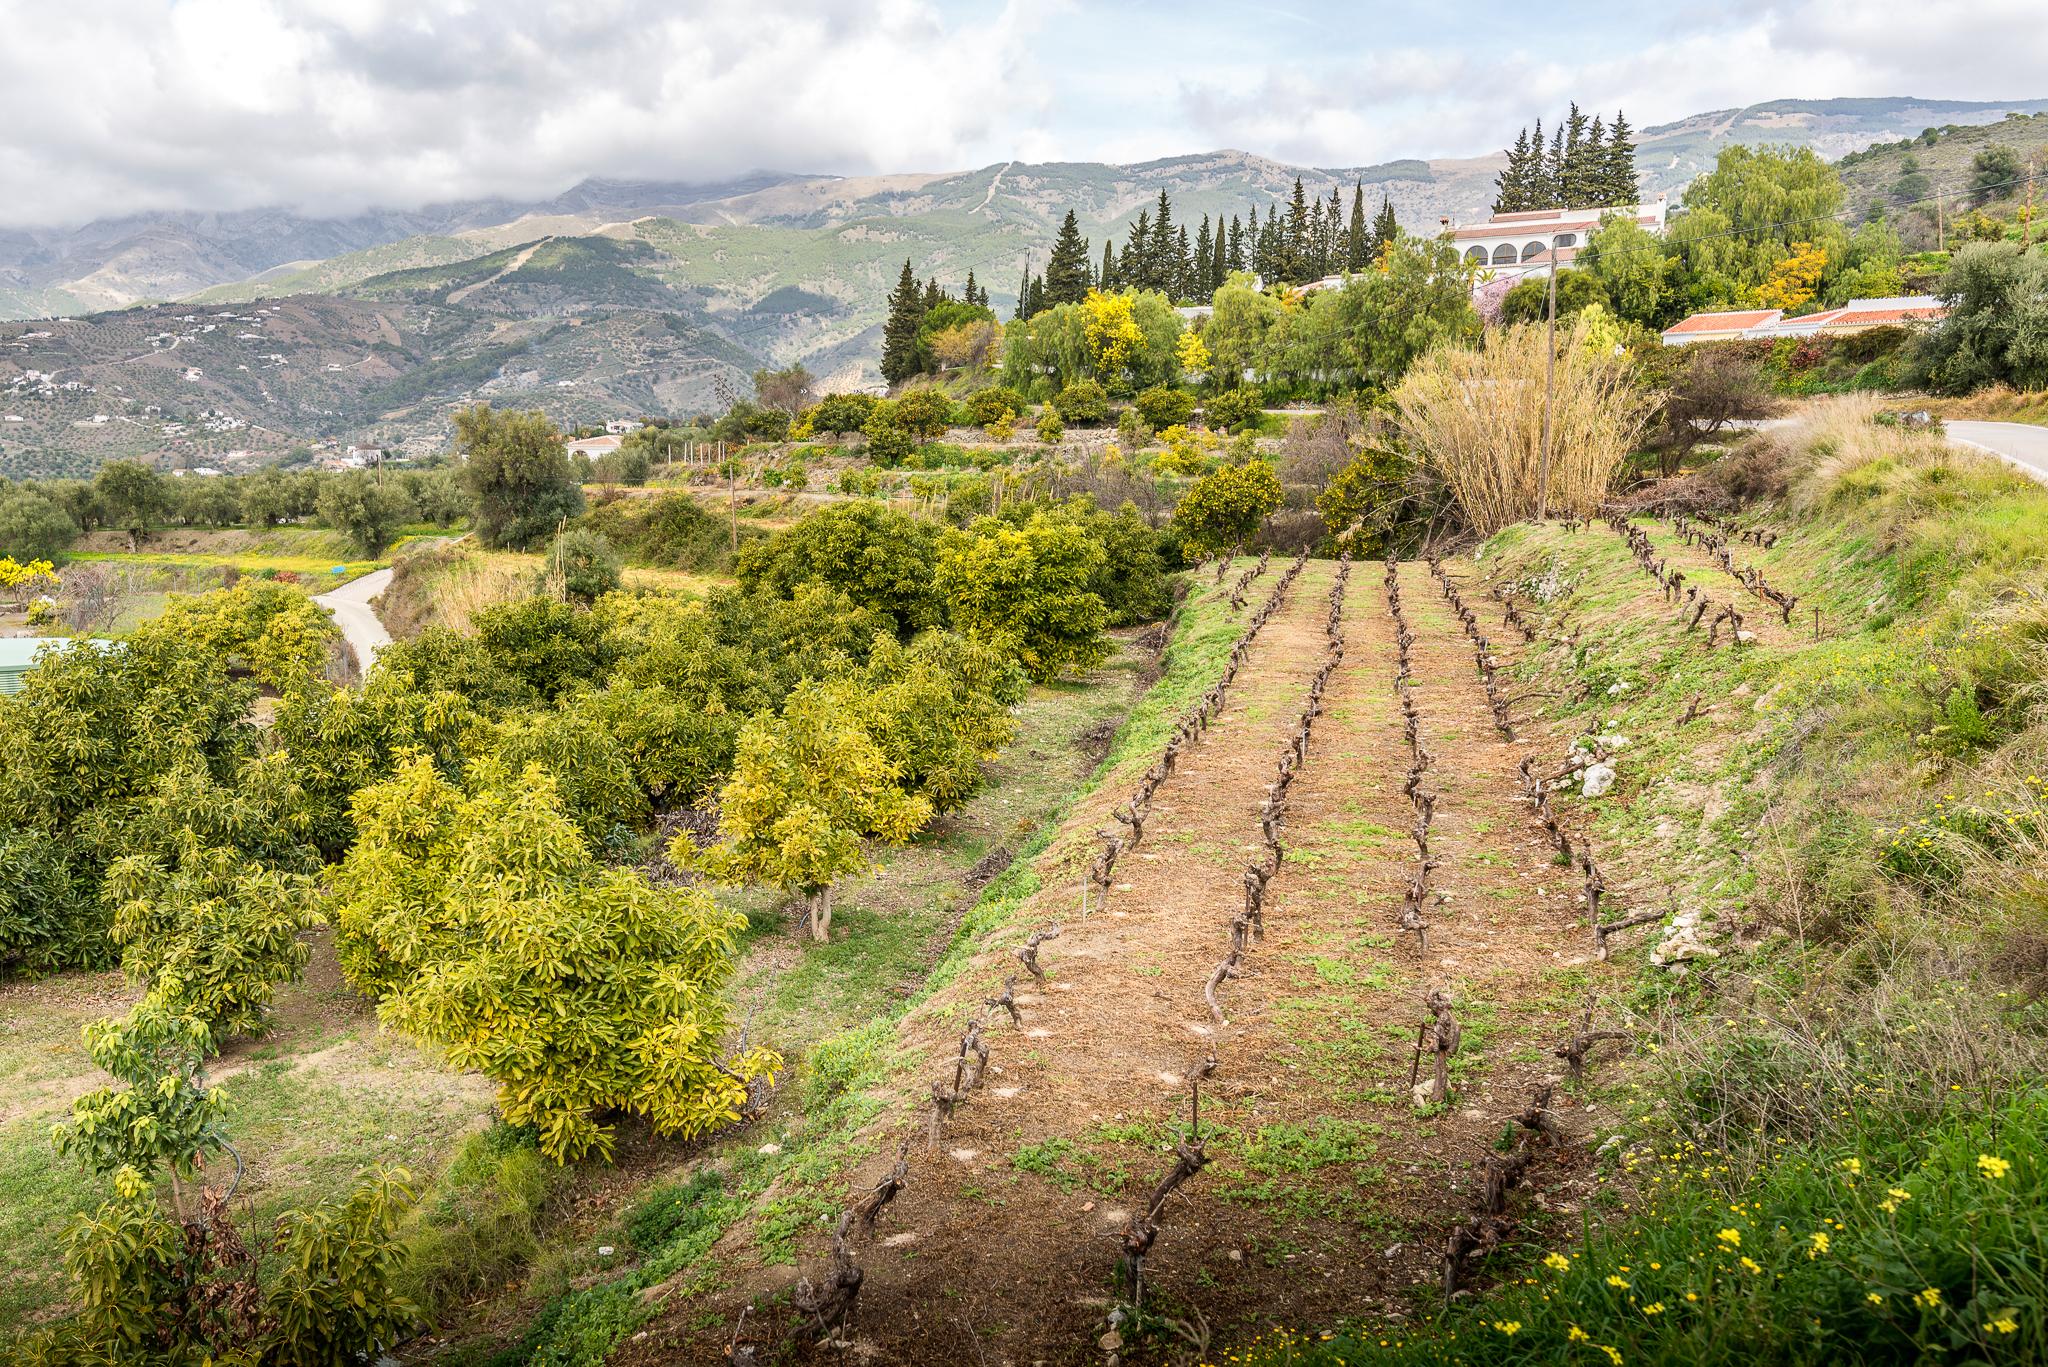 Andalusian_vuoristoista_maaseutua